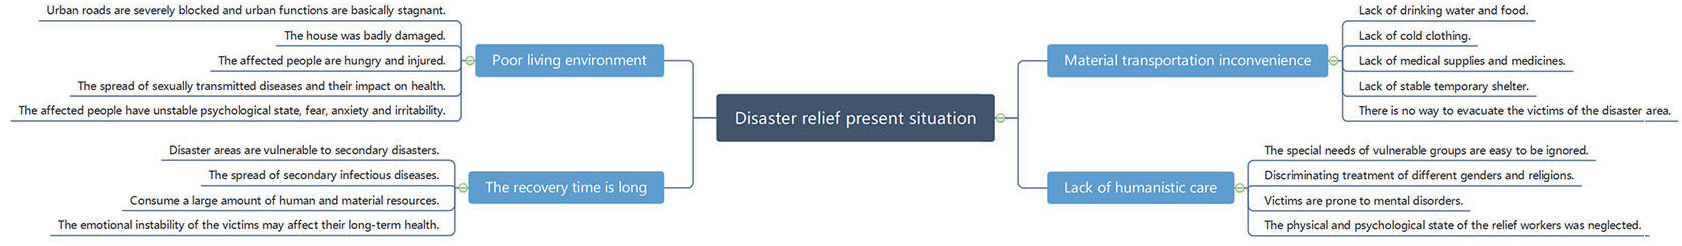 灾难救援现状